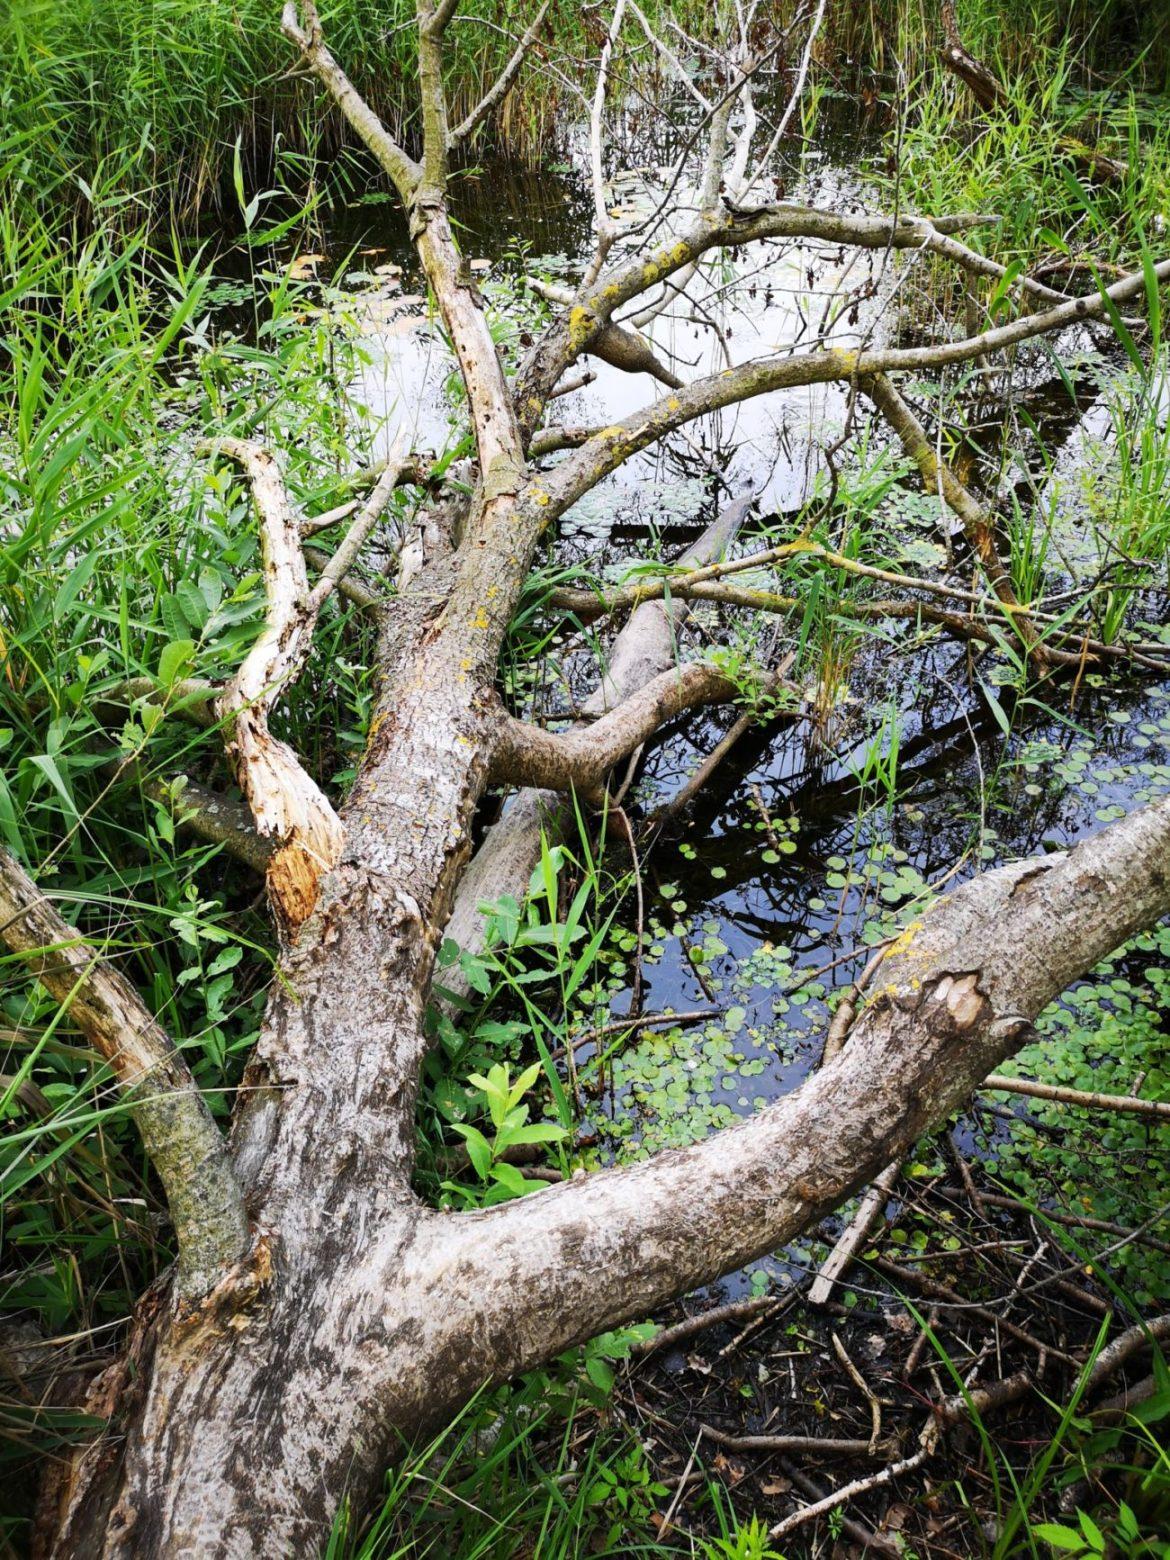 perehod drzewa bagna stawy natura lubelskie weekend zwiedzanie